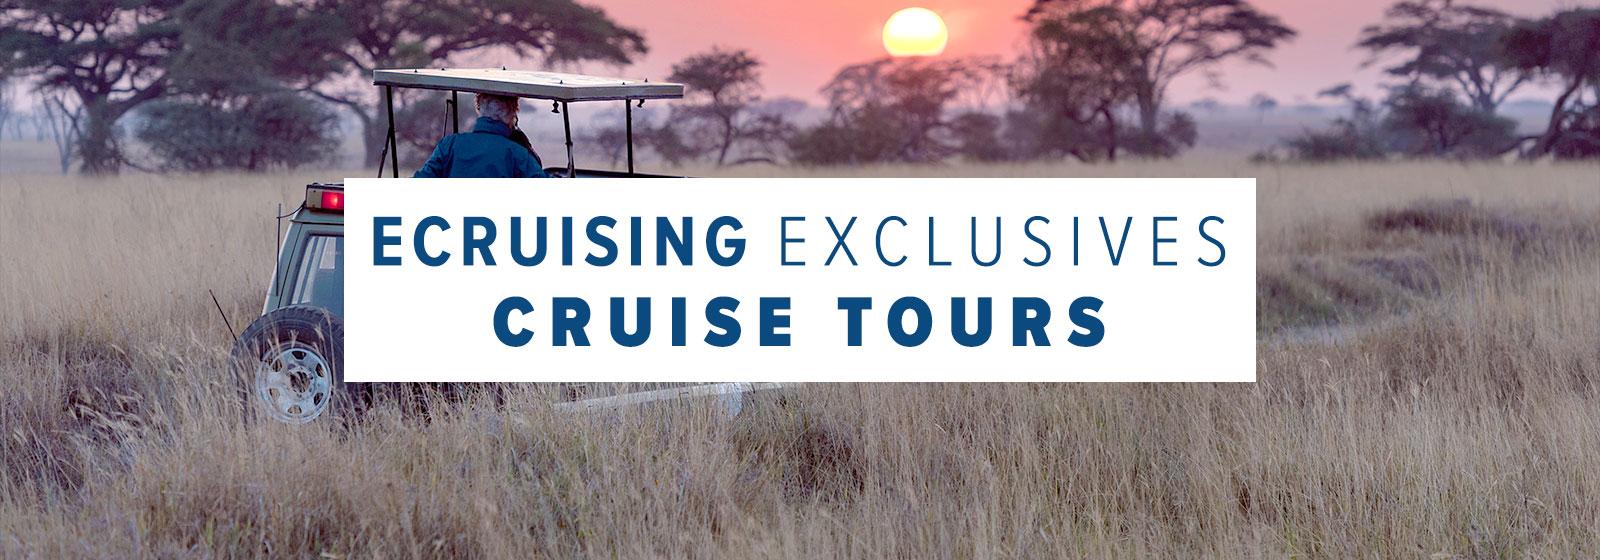 cruise-tours